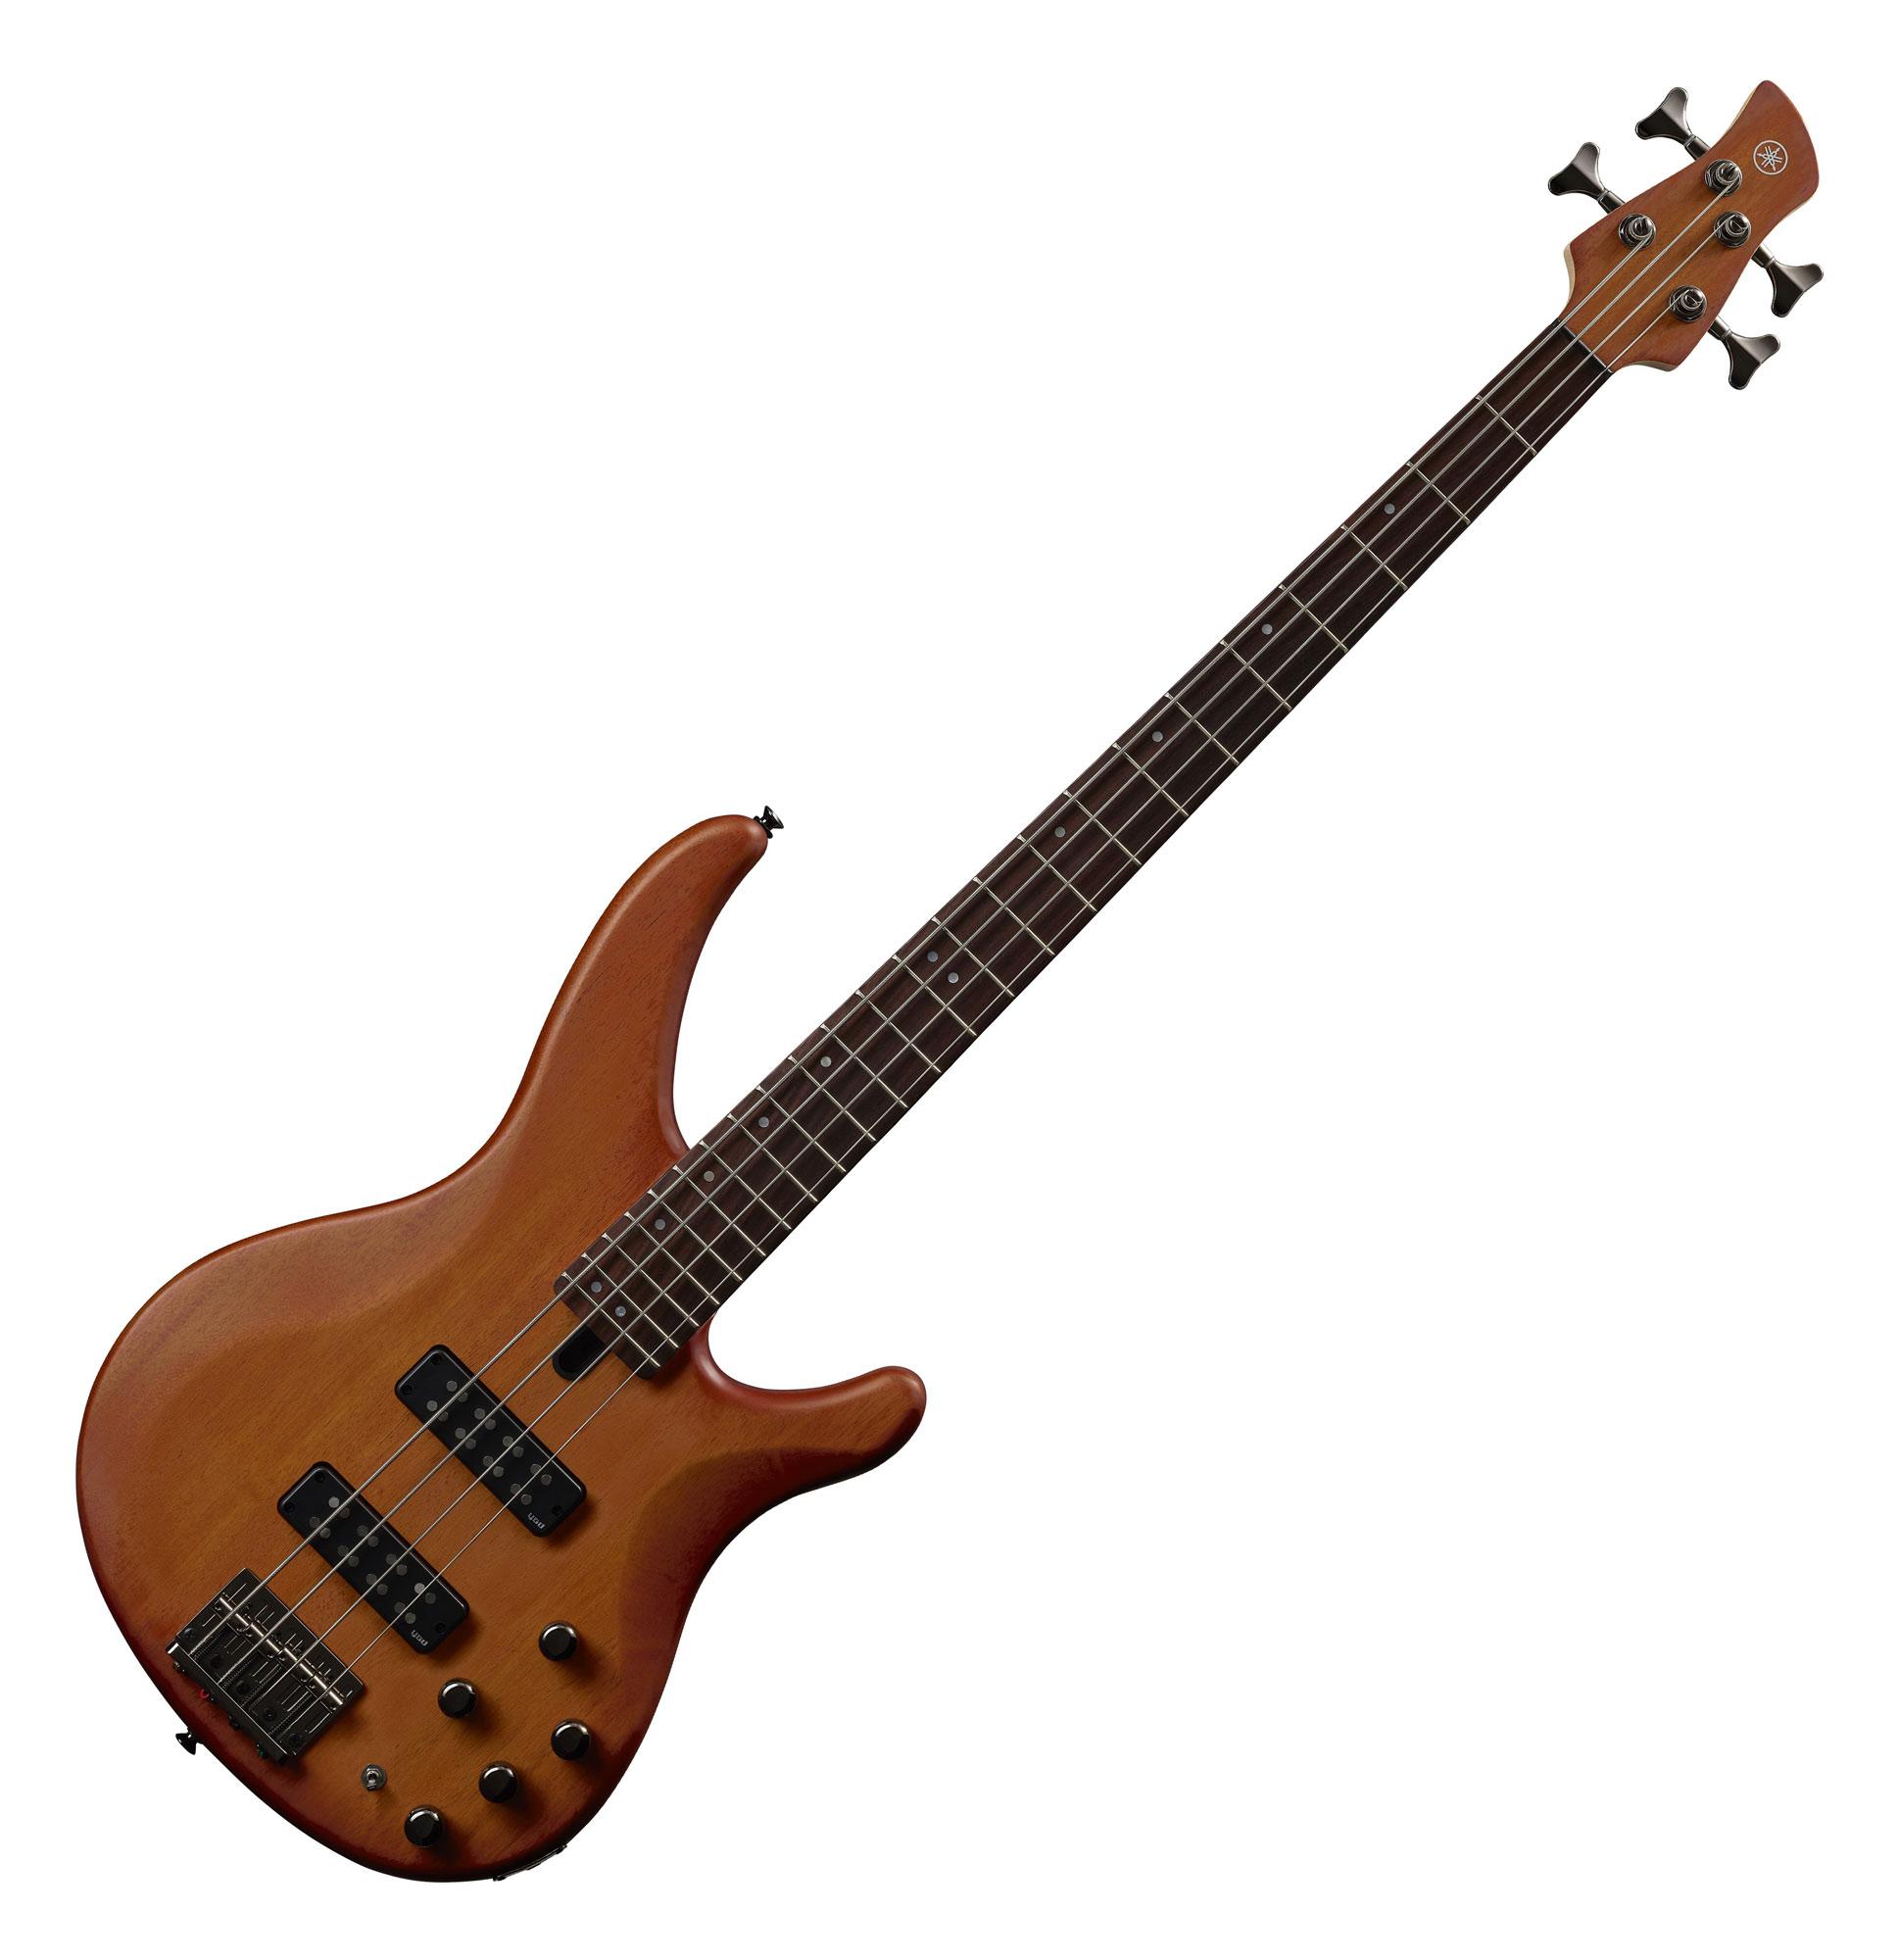 Ebaesse - Yamaha TRBX 504 BB E Bass - Onlineshop Musikhaus Kirstein